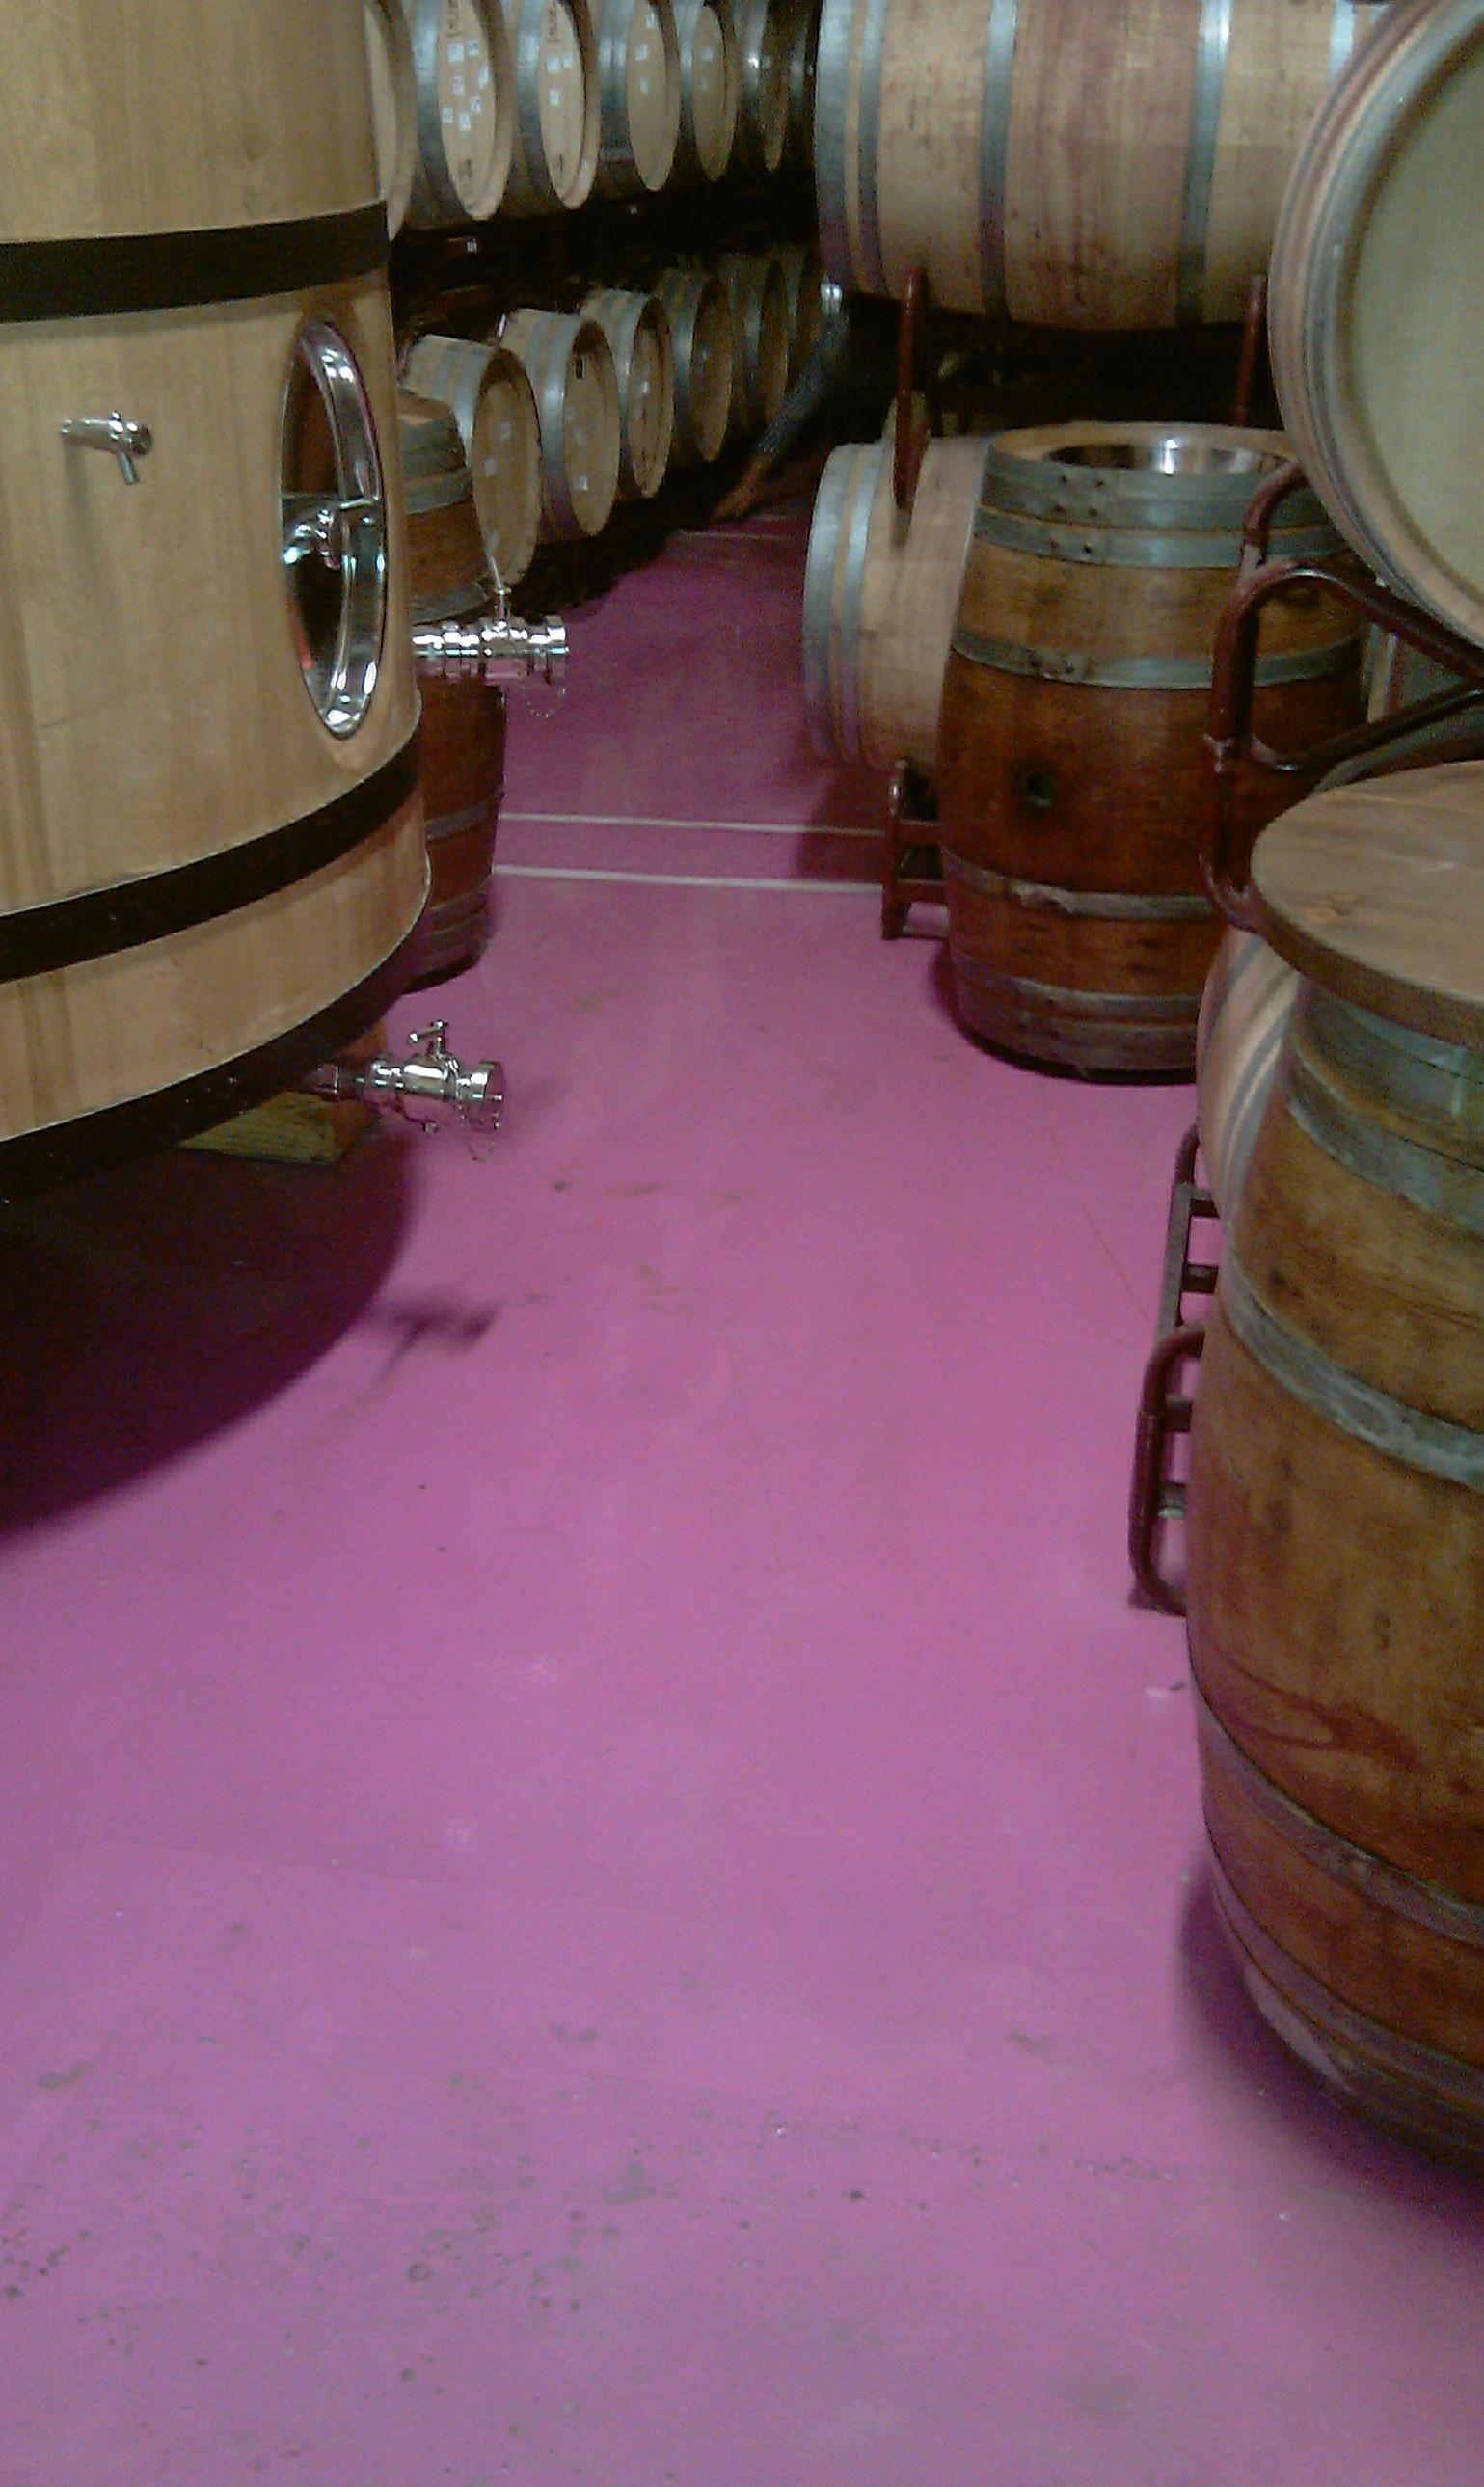 Pavimento continuo sanitario para bodega de vinos.